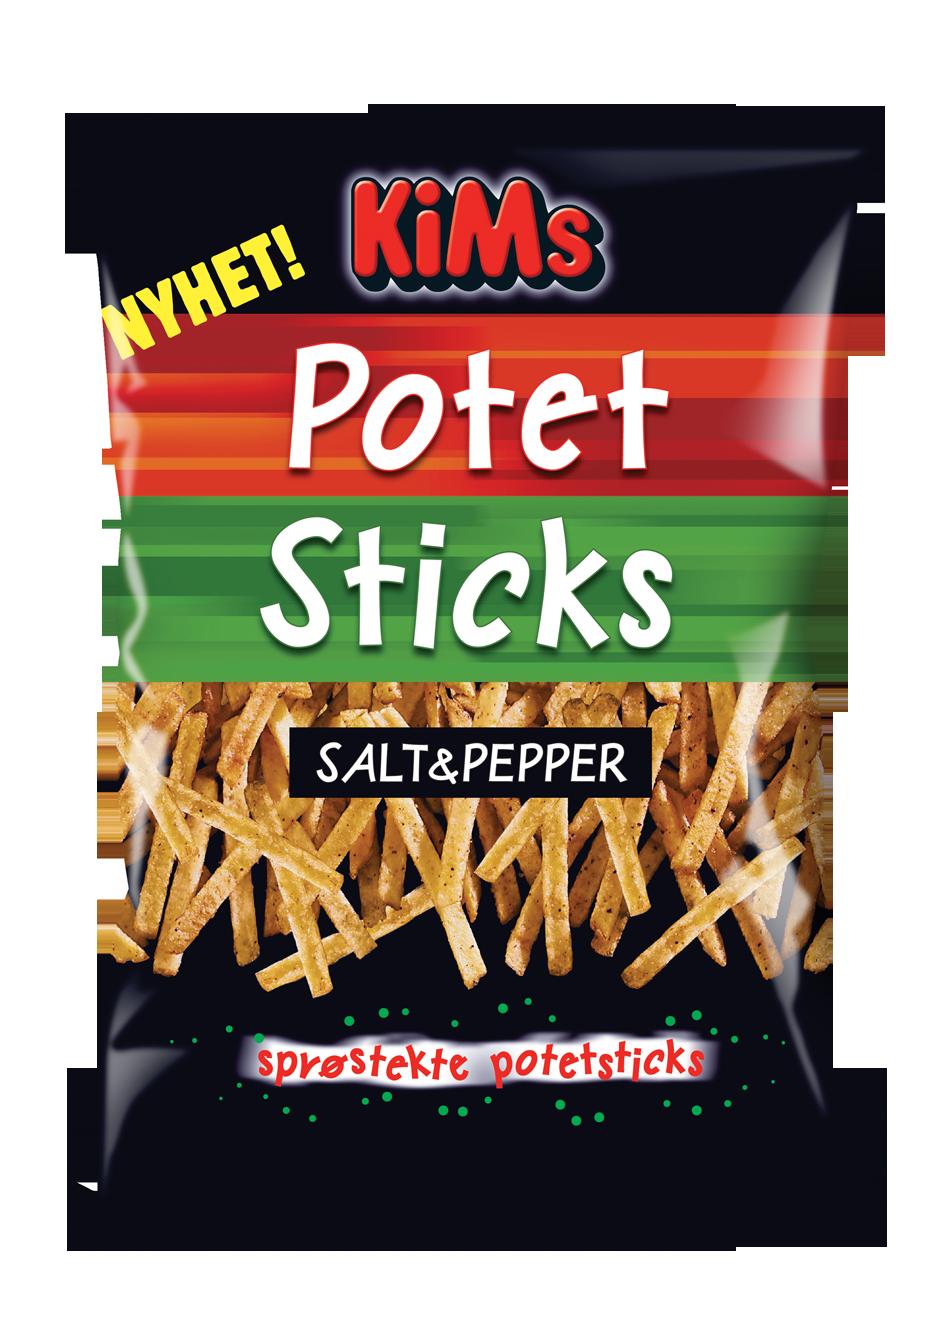 KIMS Potetsticks salt&pepper